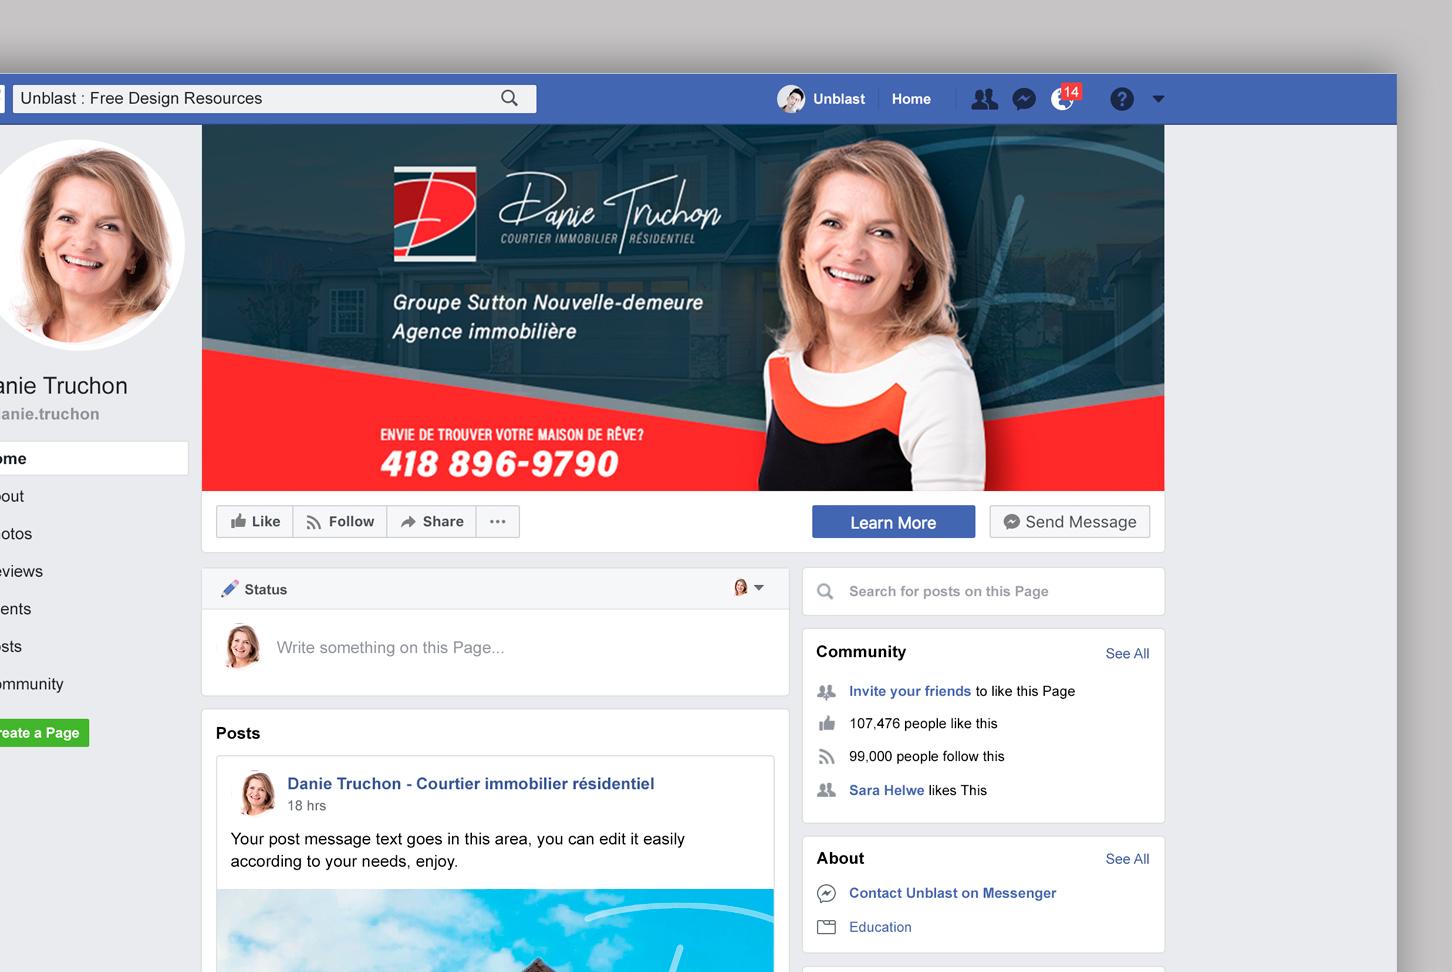 Danie Truchon - Courtier immobilier résidentiel - Visuels Facebook